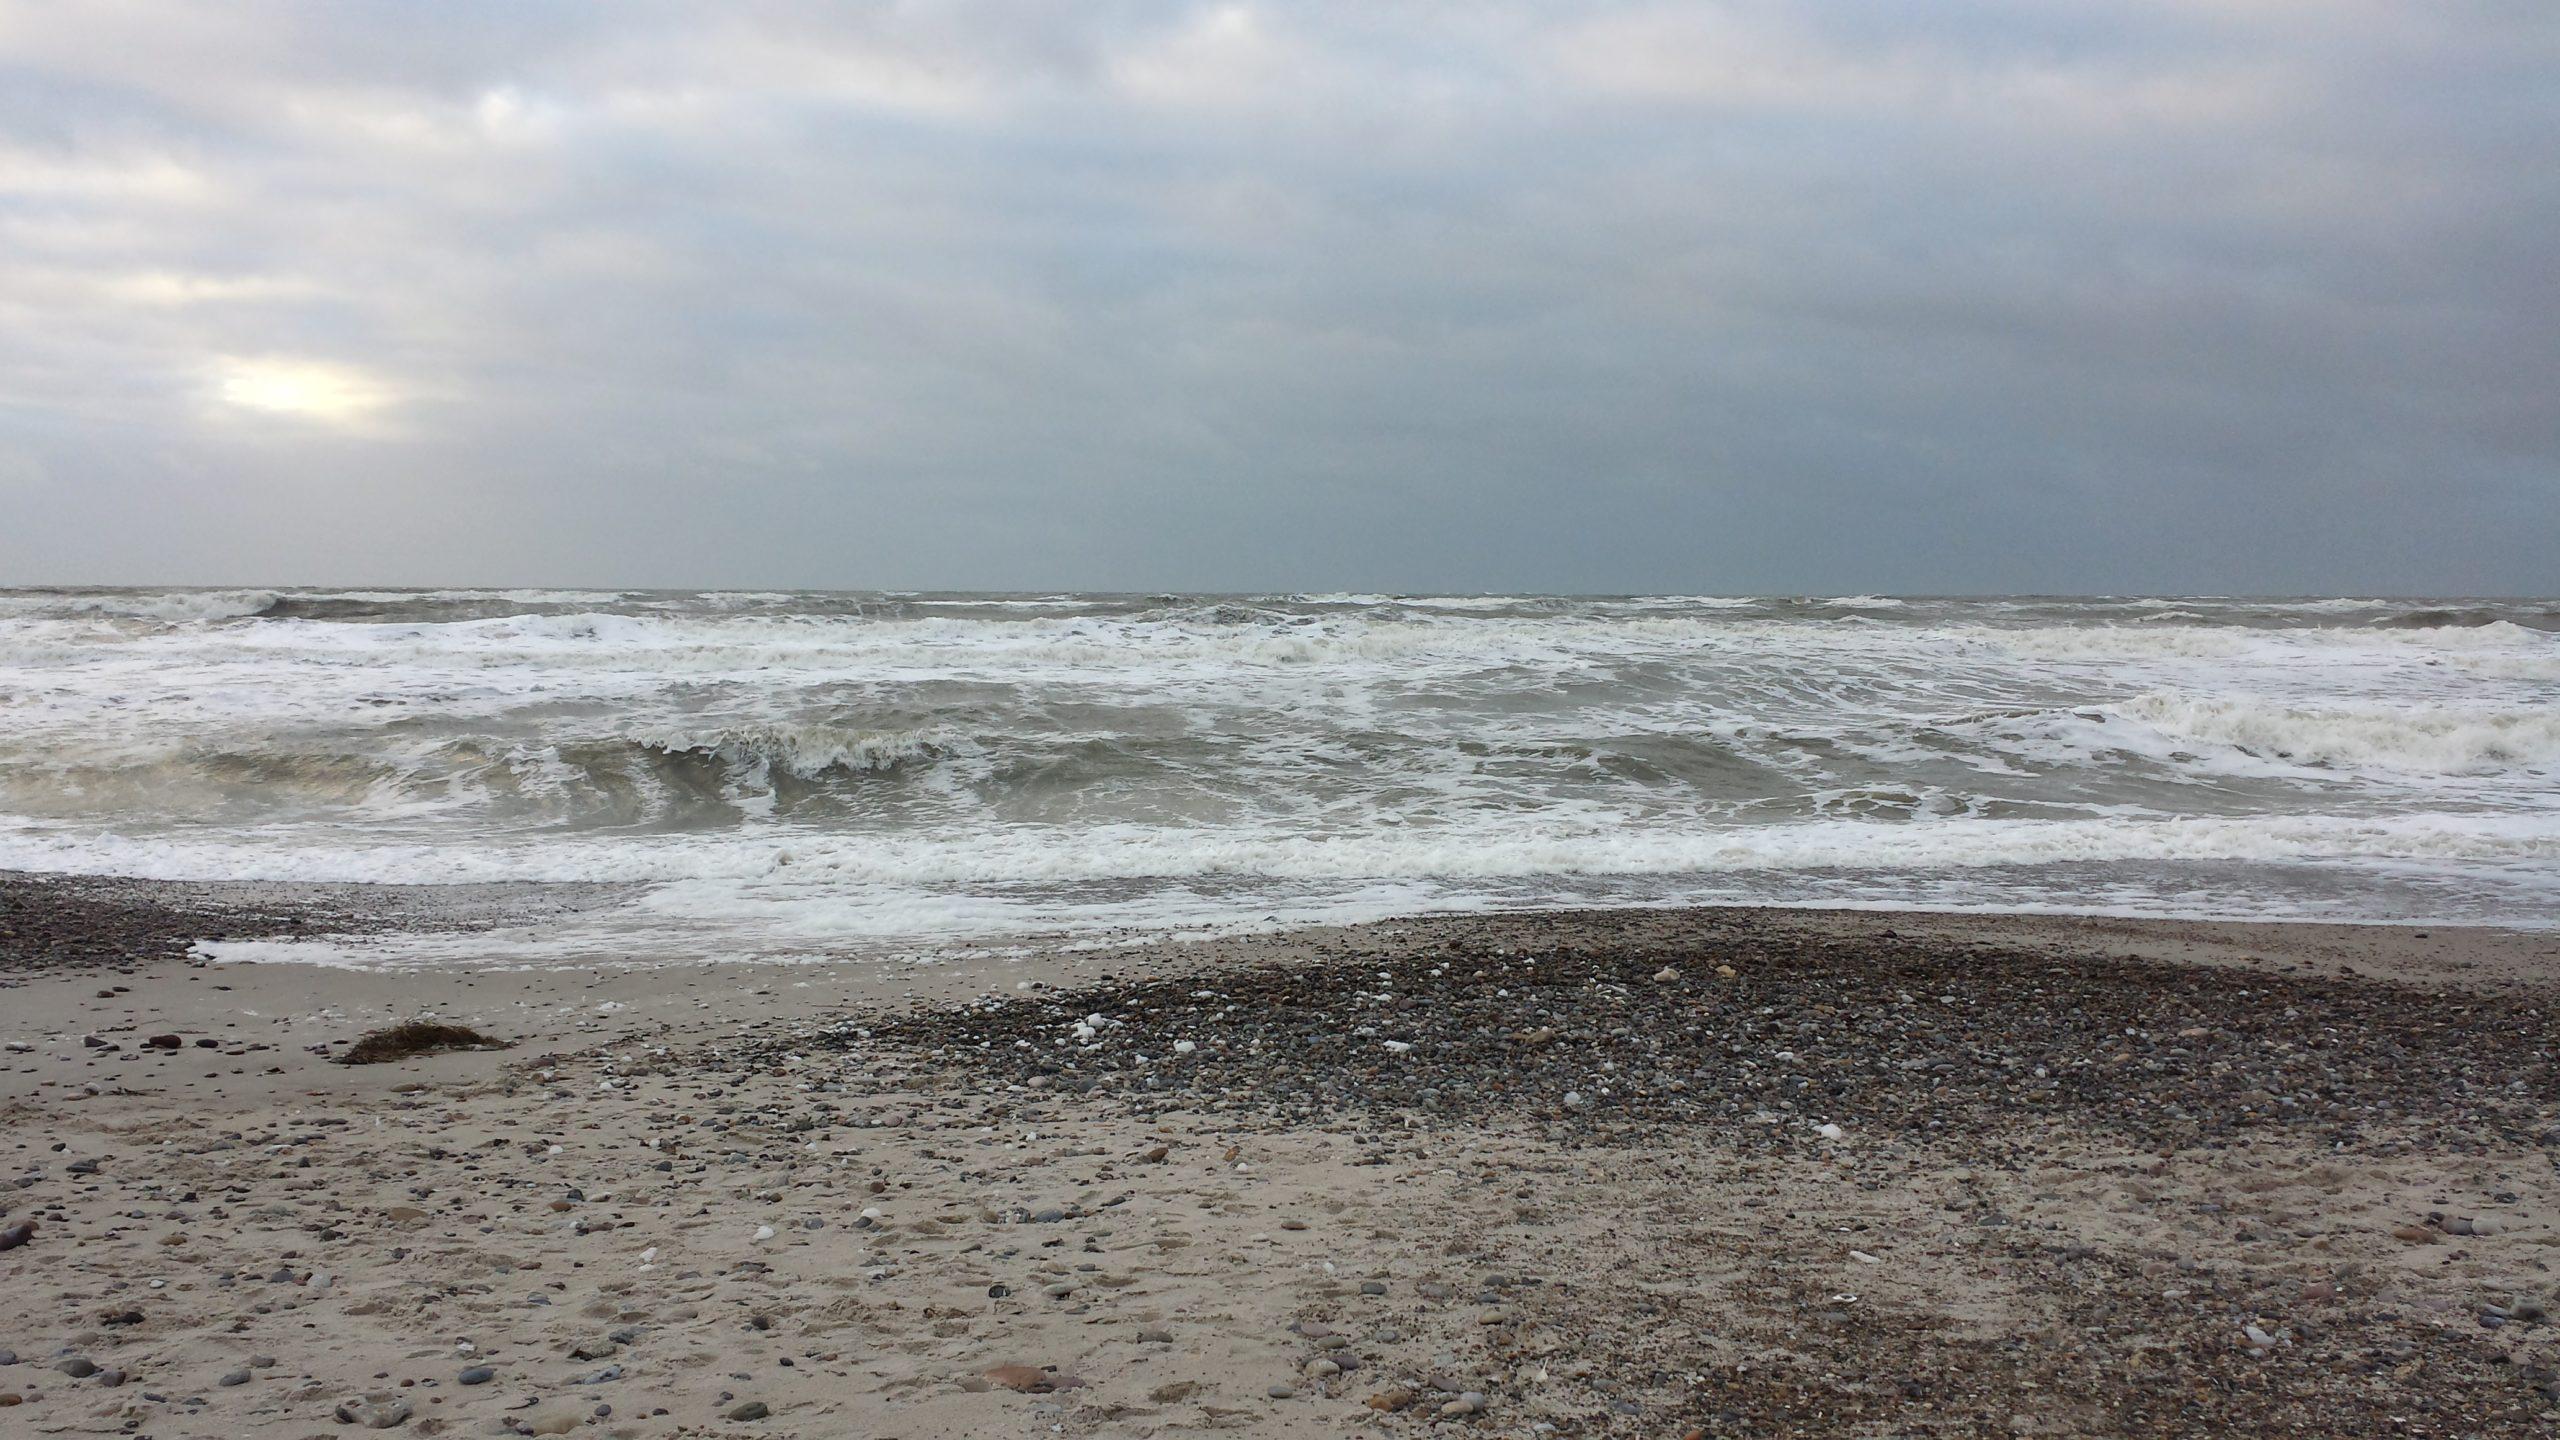 Die Wellen schlagen hoch